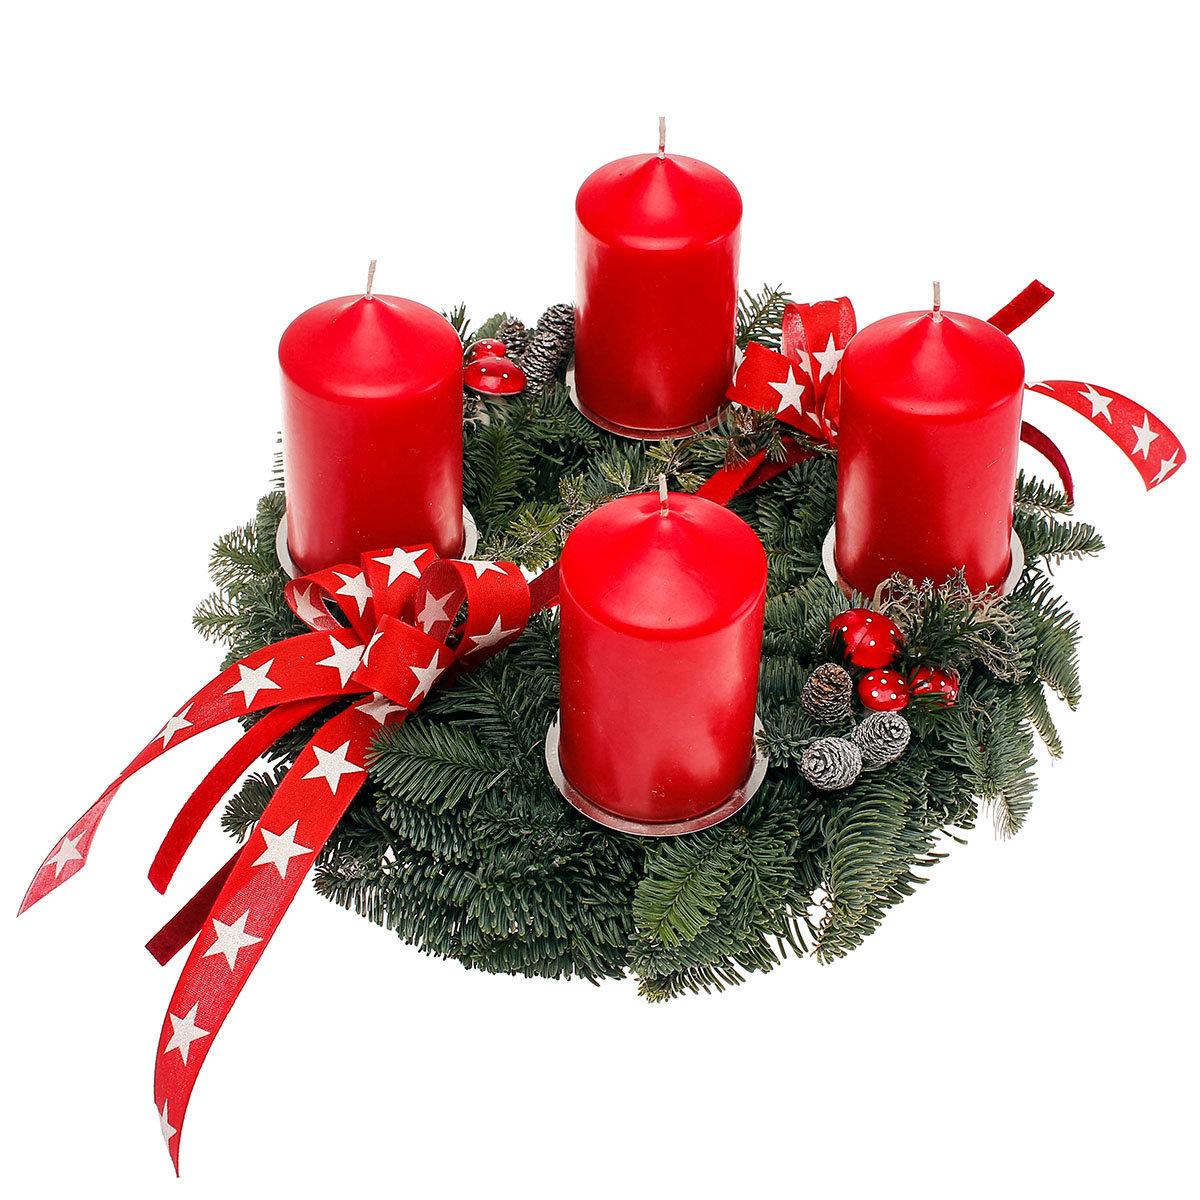 adventskranz mit roten kerzen dekoriert online kaufen bei g rtner p tschke